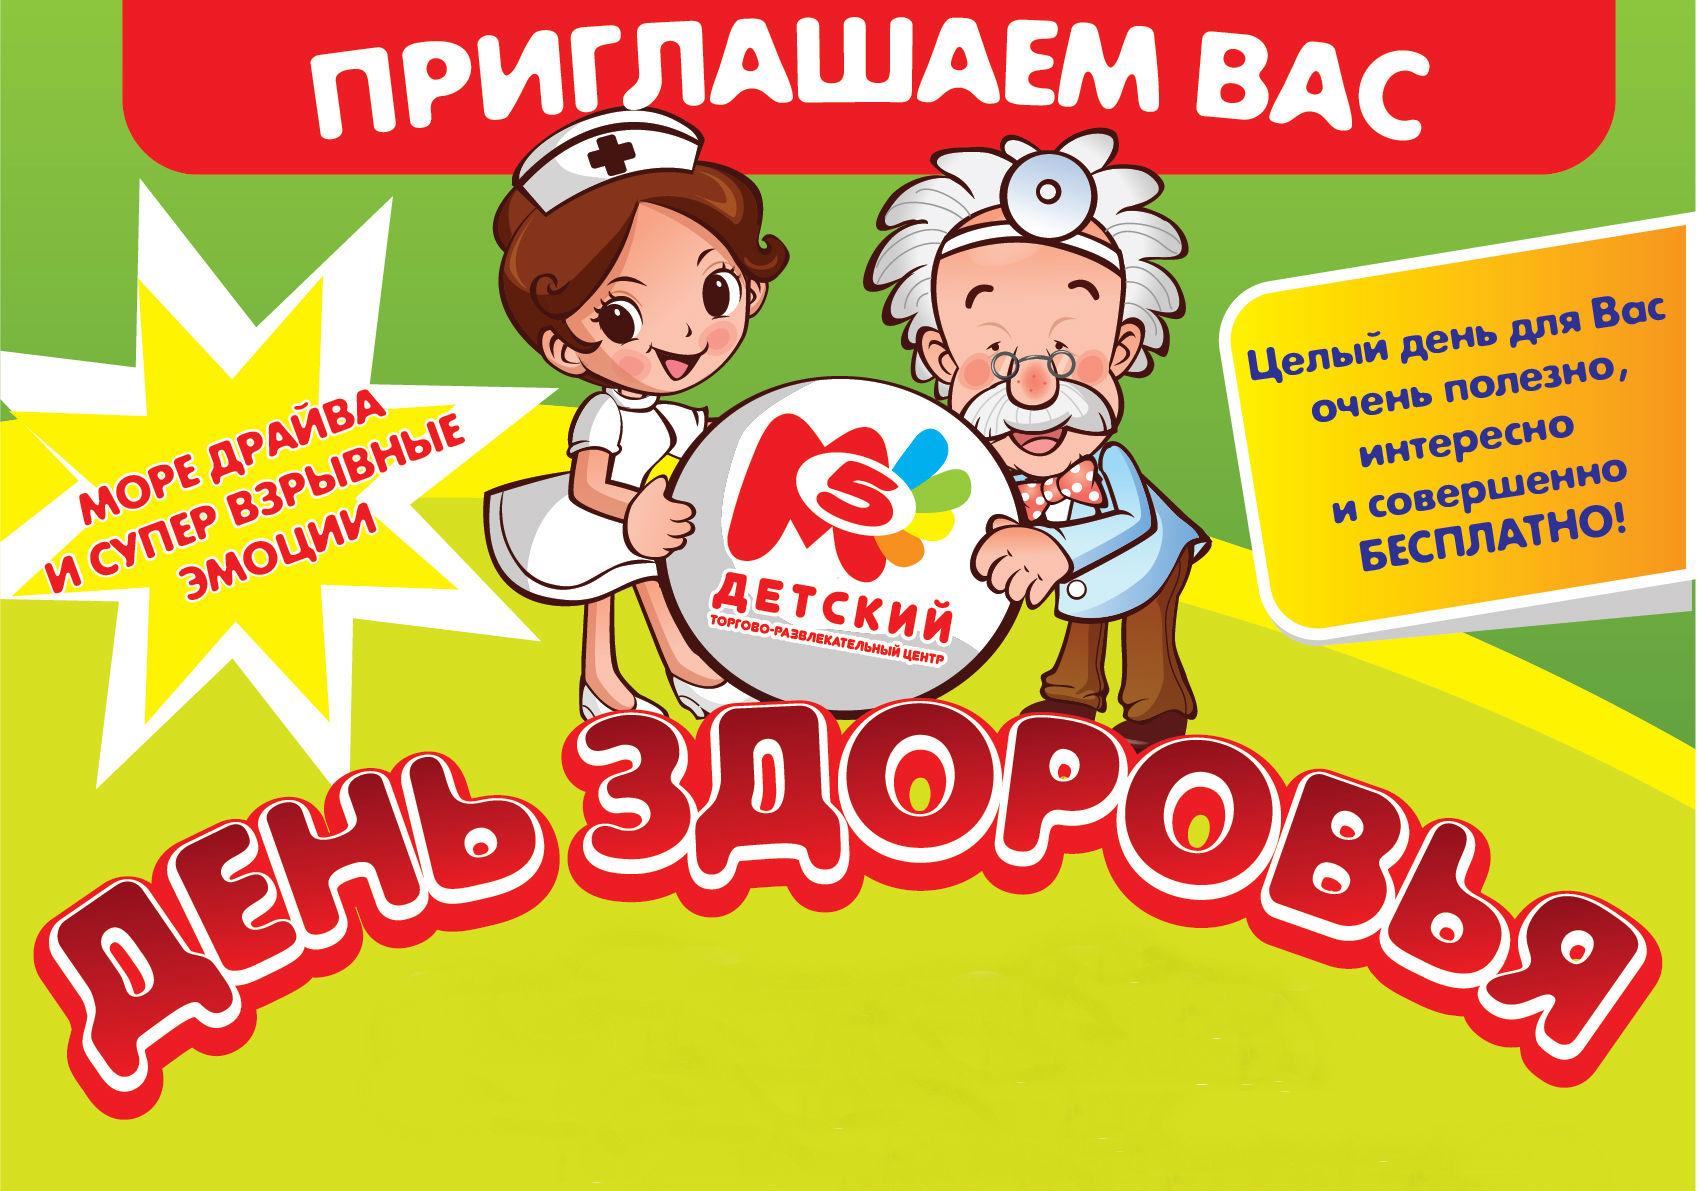 сценарии конкурсных программ для детей и подростков